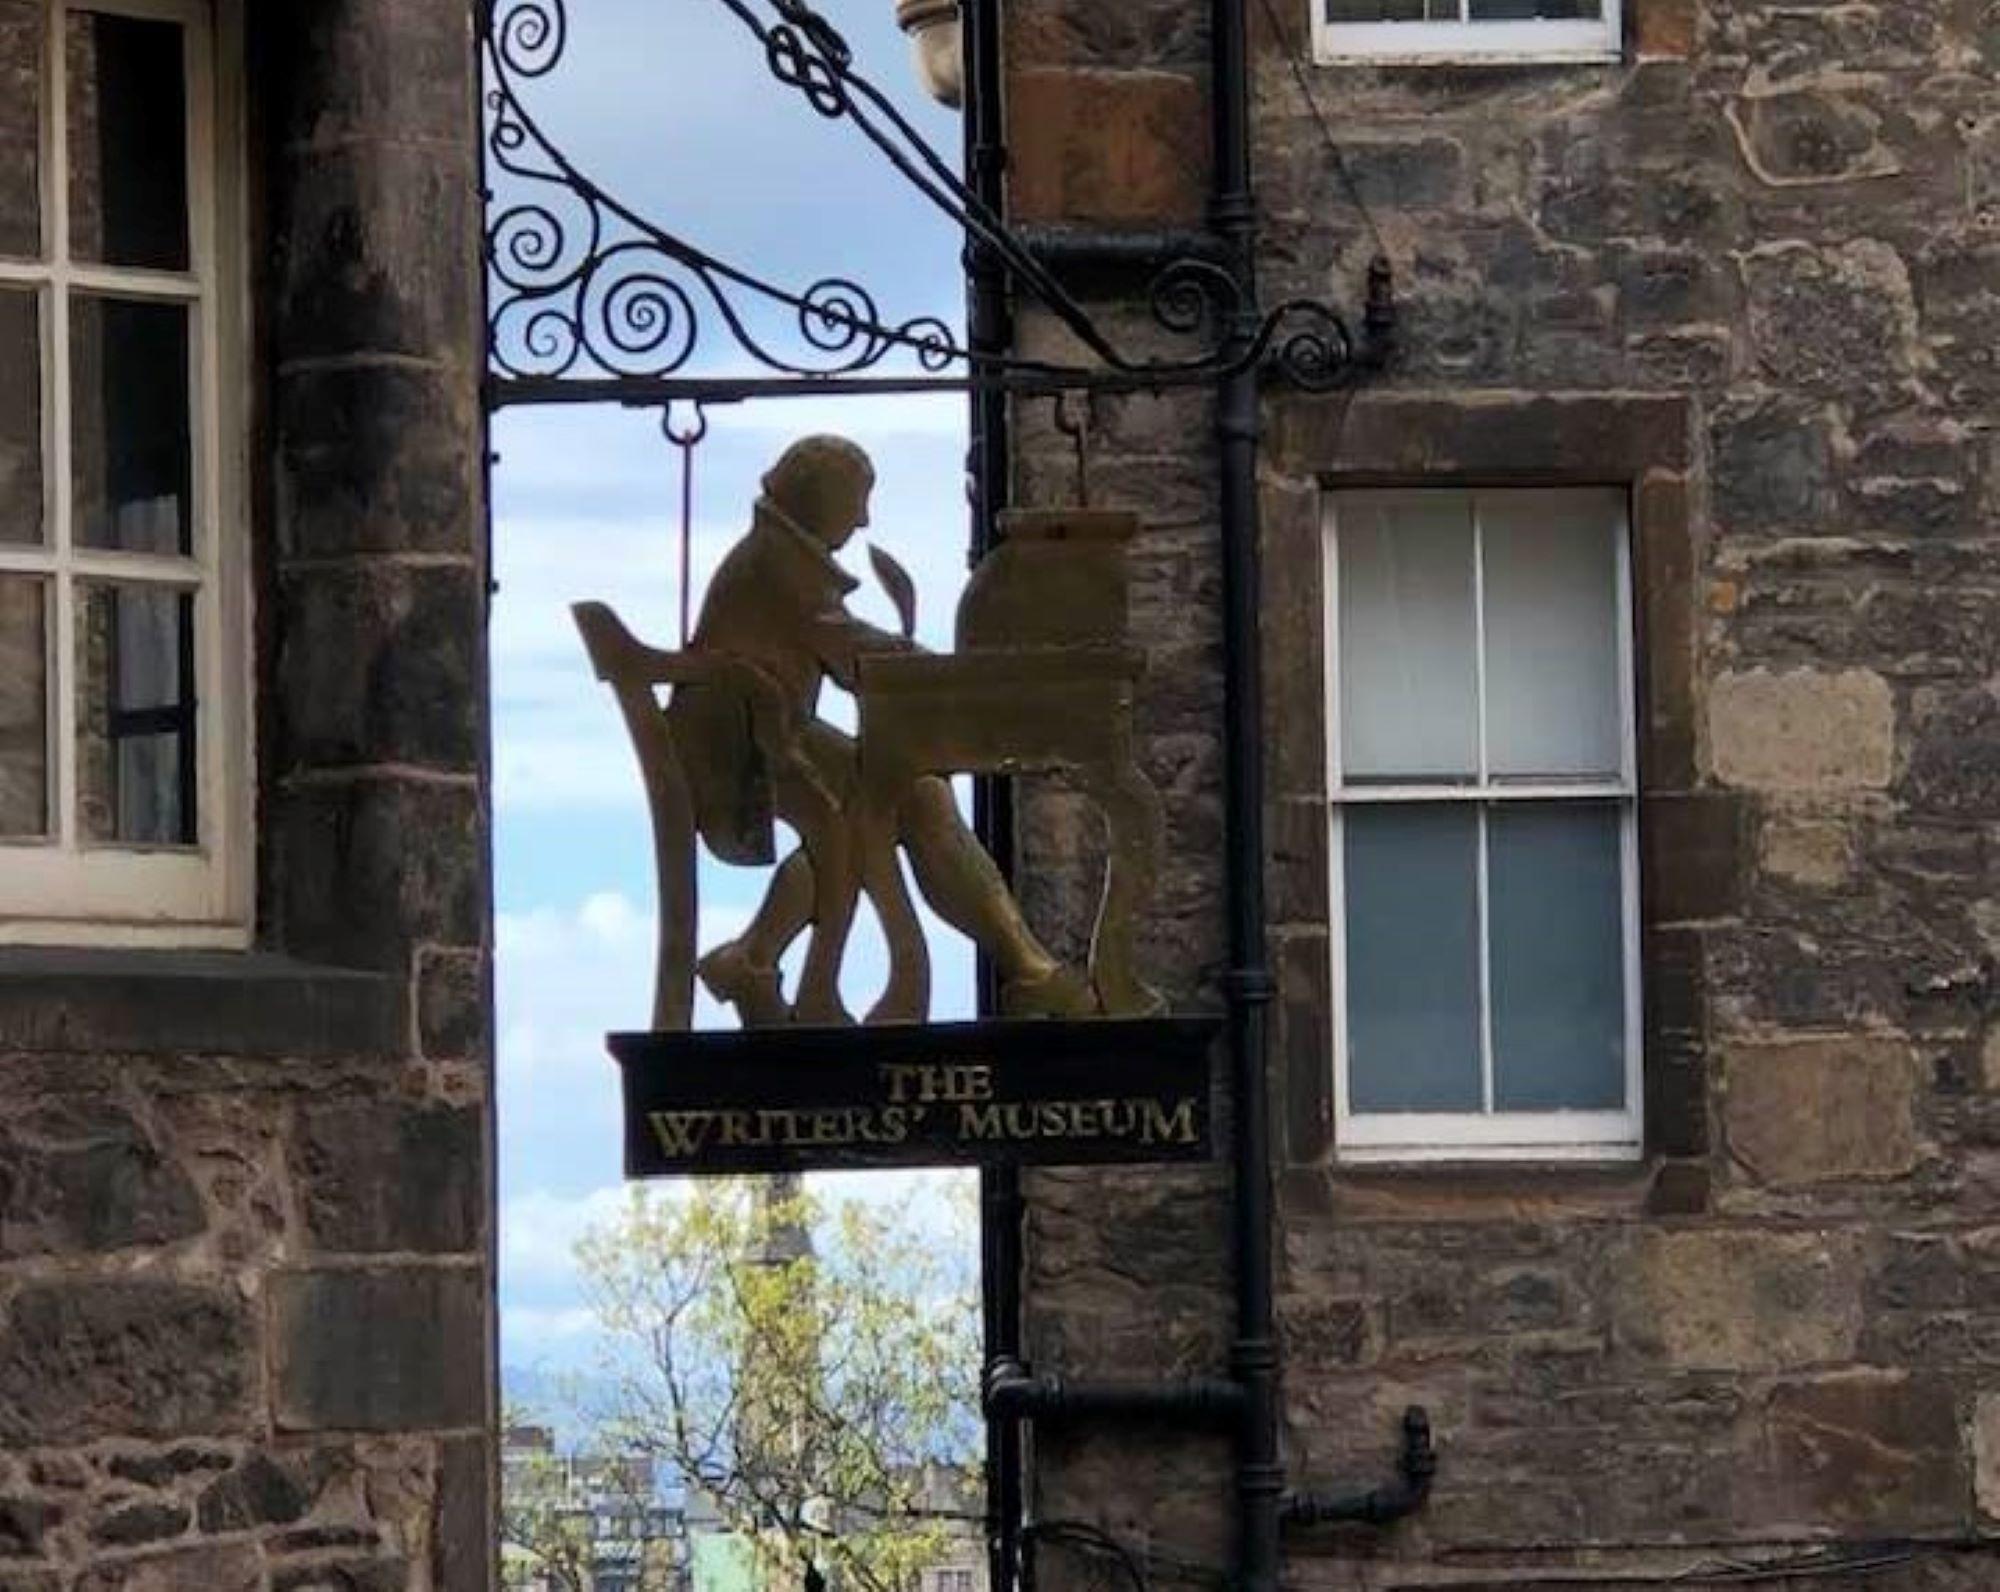 El Museo de los Escritores, Edimburgo - Viajeros por el Mundo